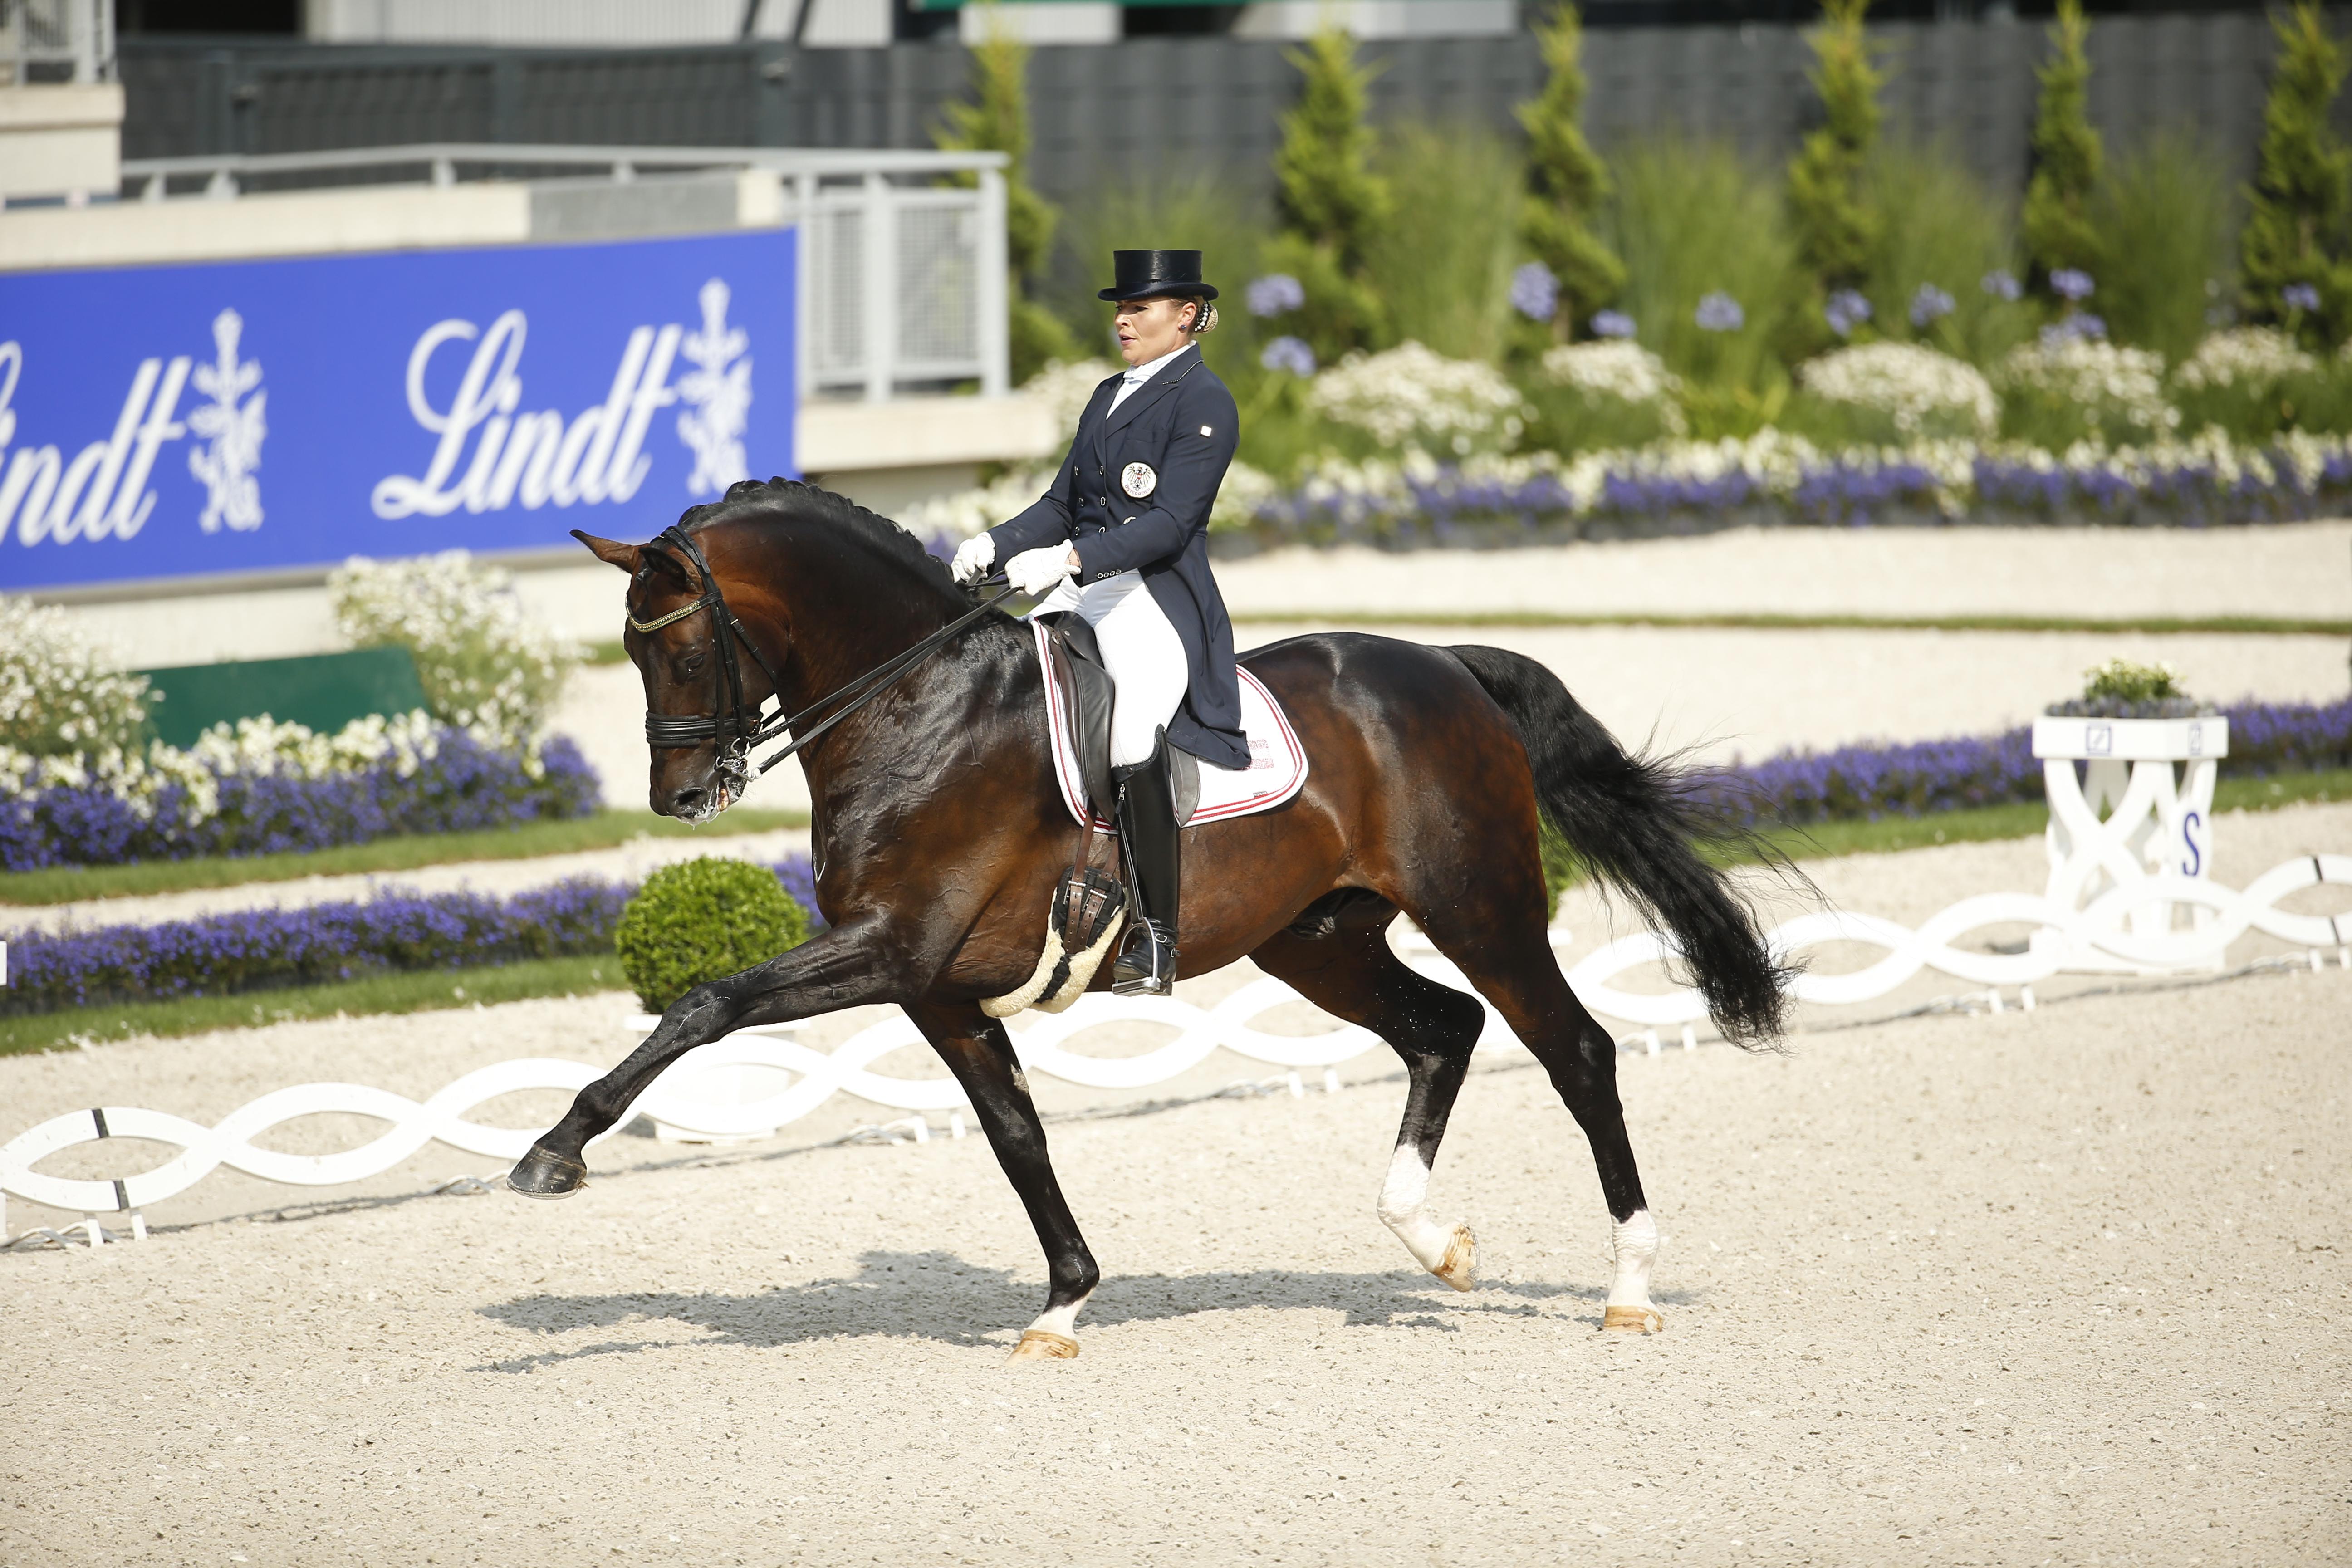 Reiten, Turnier, Pferde, Weltfest des Pferdesports, Dressur, GP, CDI4*